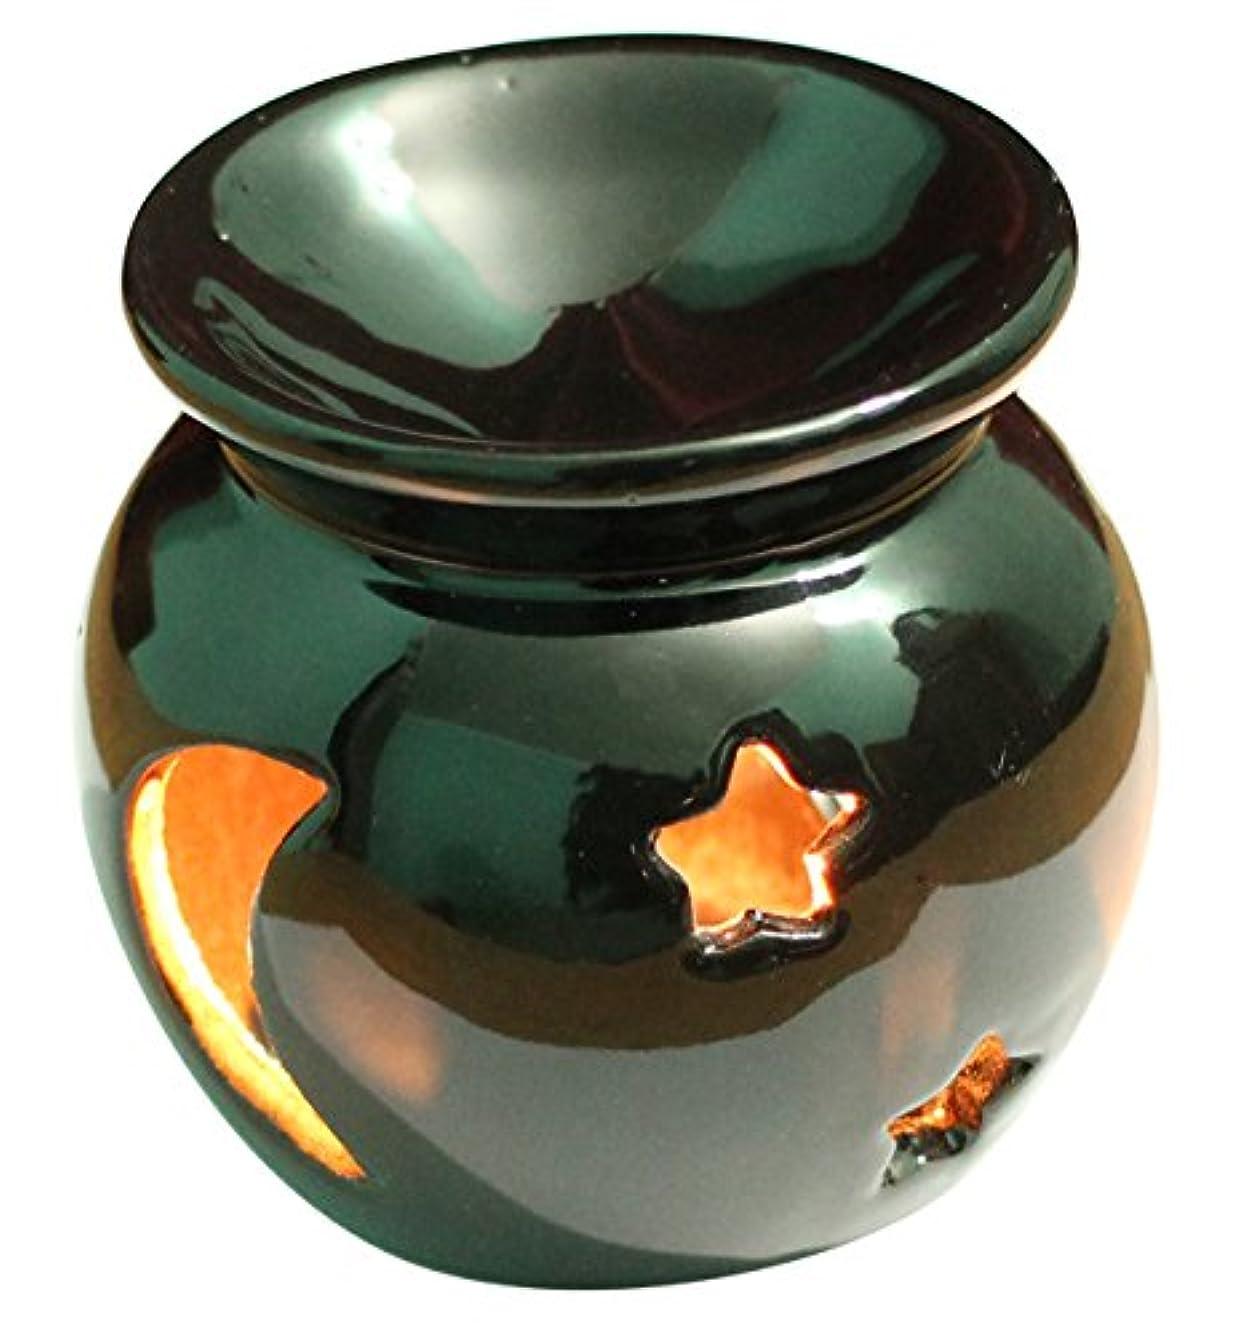 助言する必需品アクセシブルAb Handicrafts – セラミック – Essential Oil Burner、完璧ハンドメイドOil Diffuser for Fragrance &アロマセラピー – 素晴らしい装飾のリビングルーム、バルコニー、ポーチ& Garden ブラック AB-oil